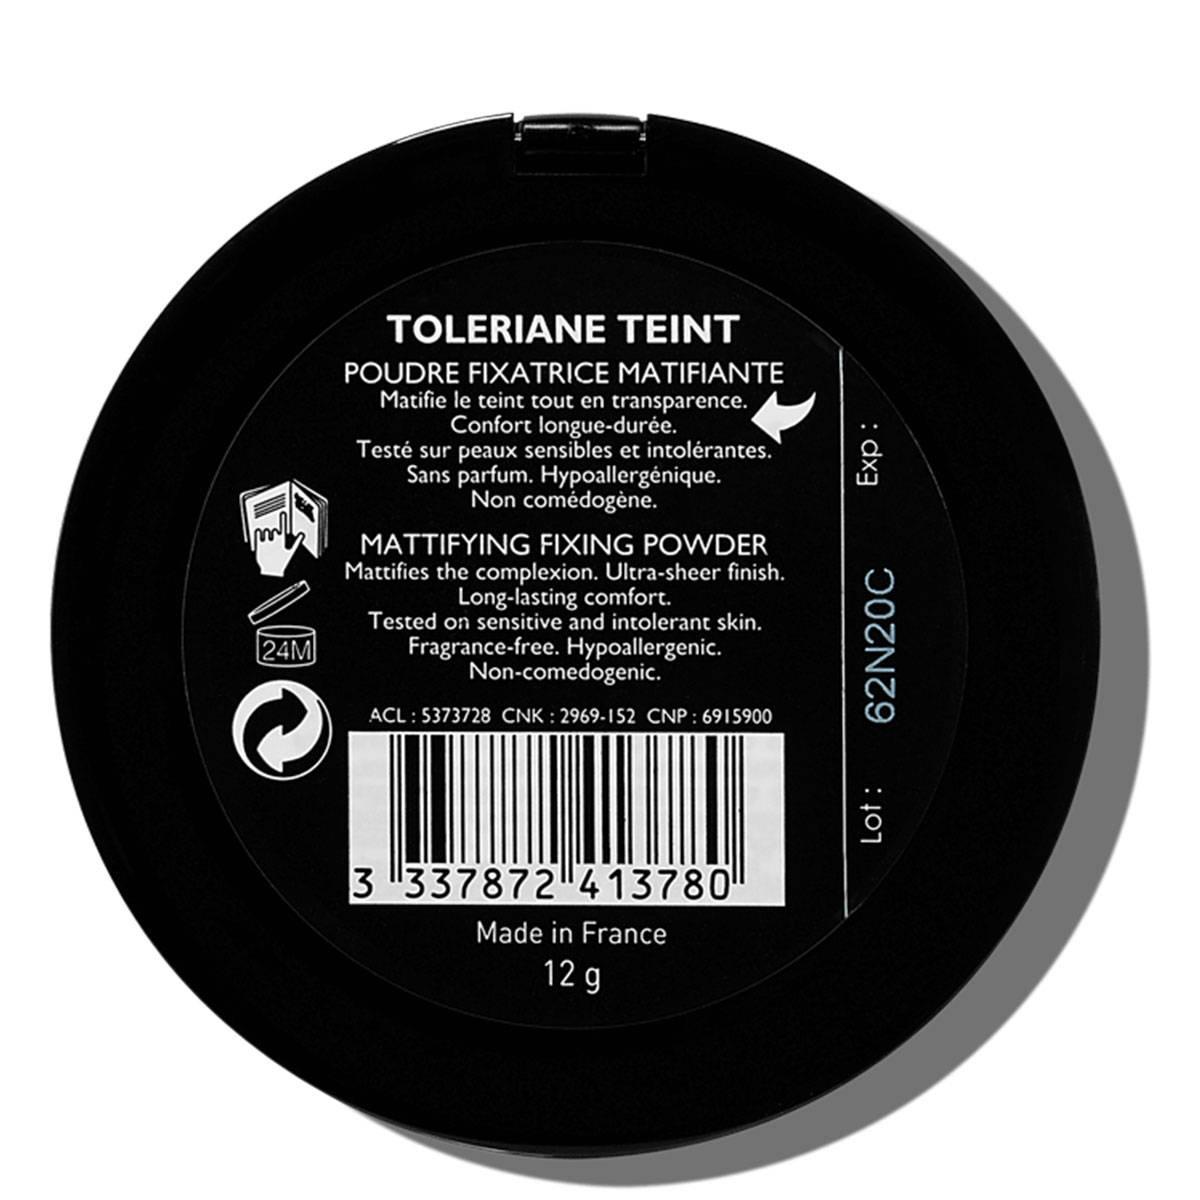 La Roche Posay Érzékeny Bőrre Toleriane Smink TEINT Fixálás 3337872413780